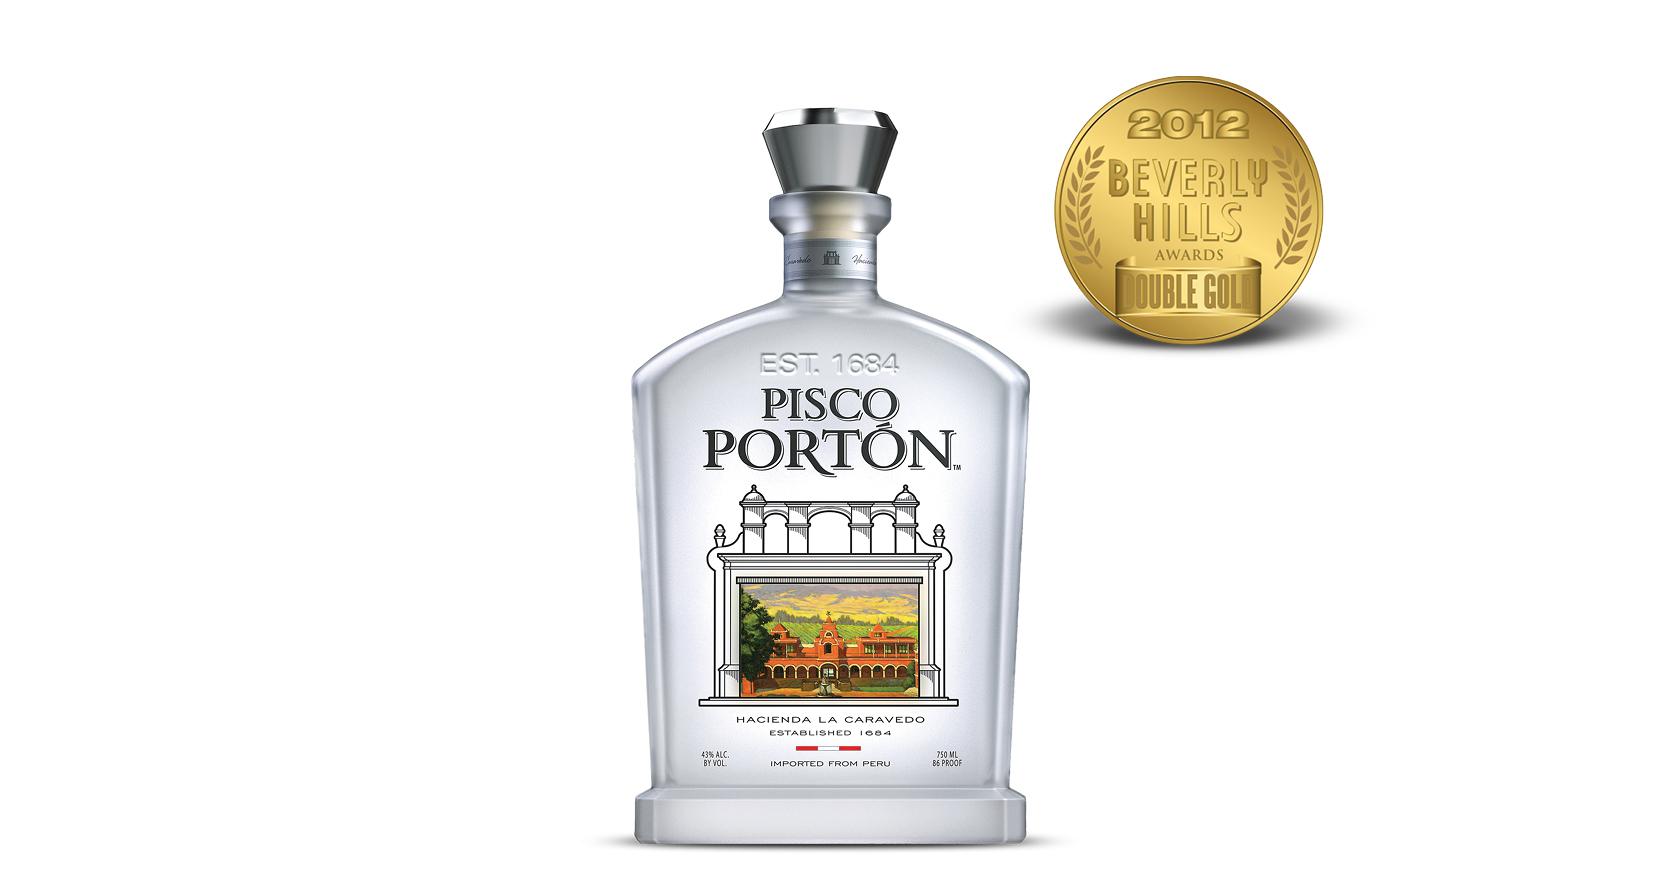 Pisco Portón